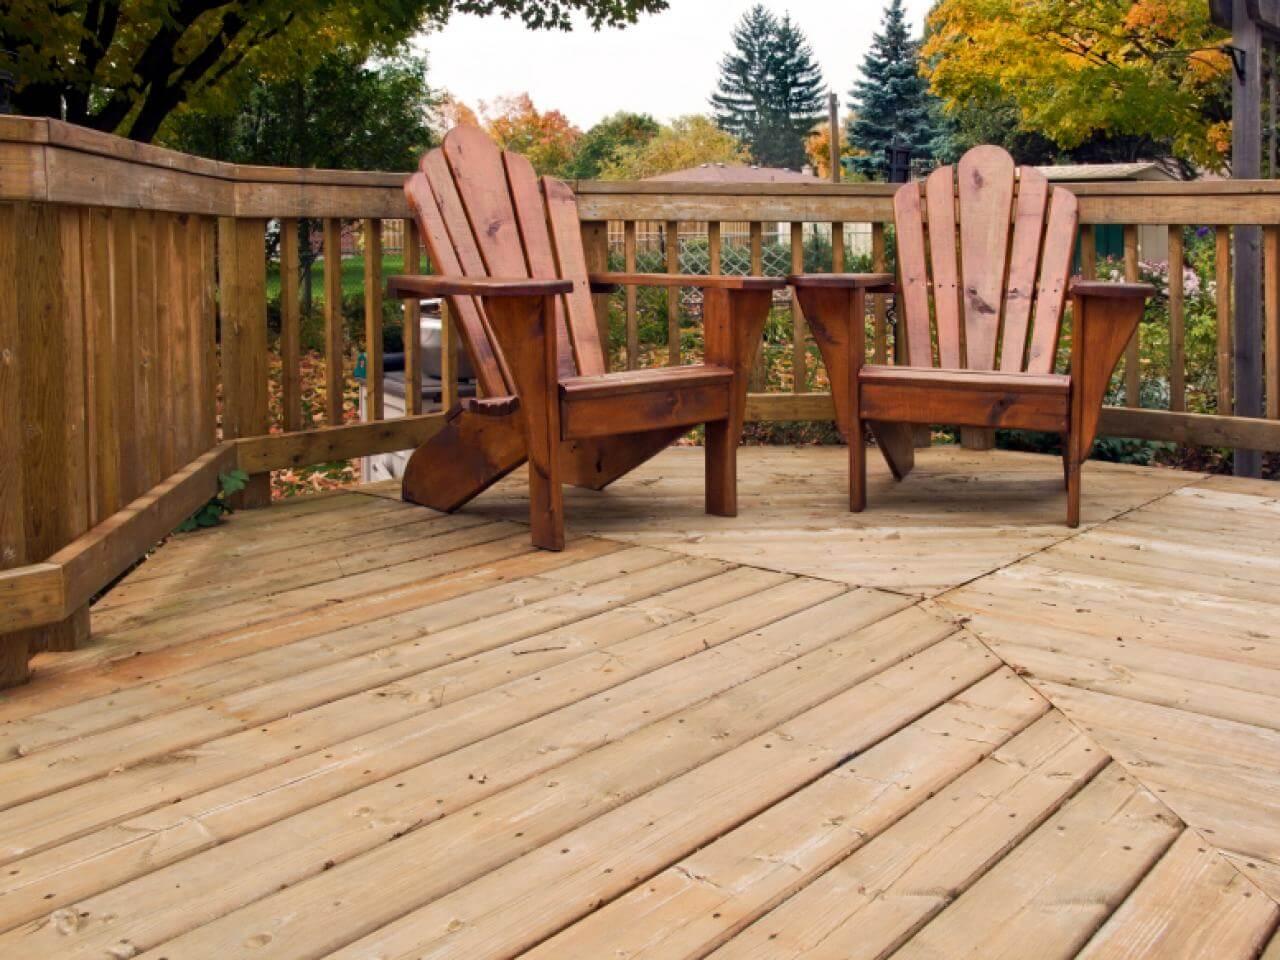 Hardwood decking contractors in Wylie